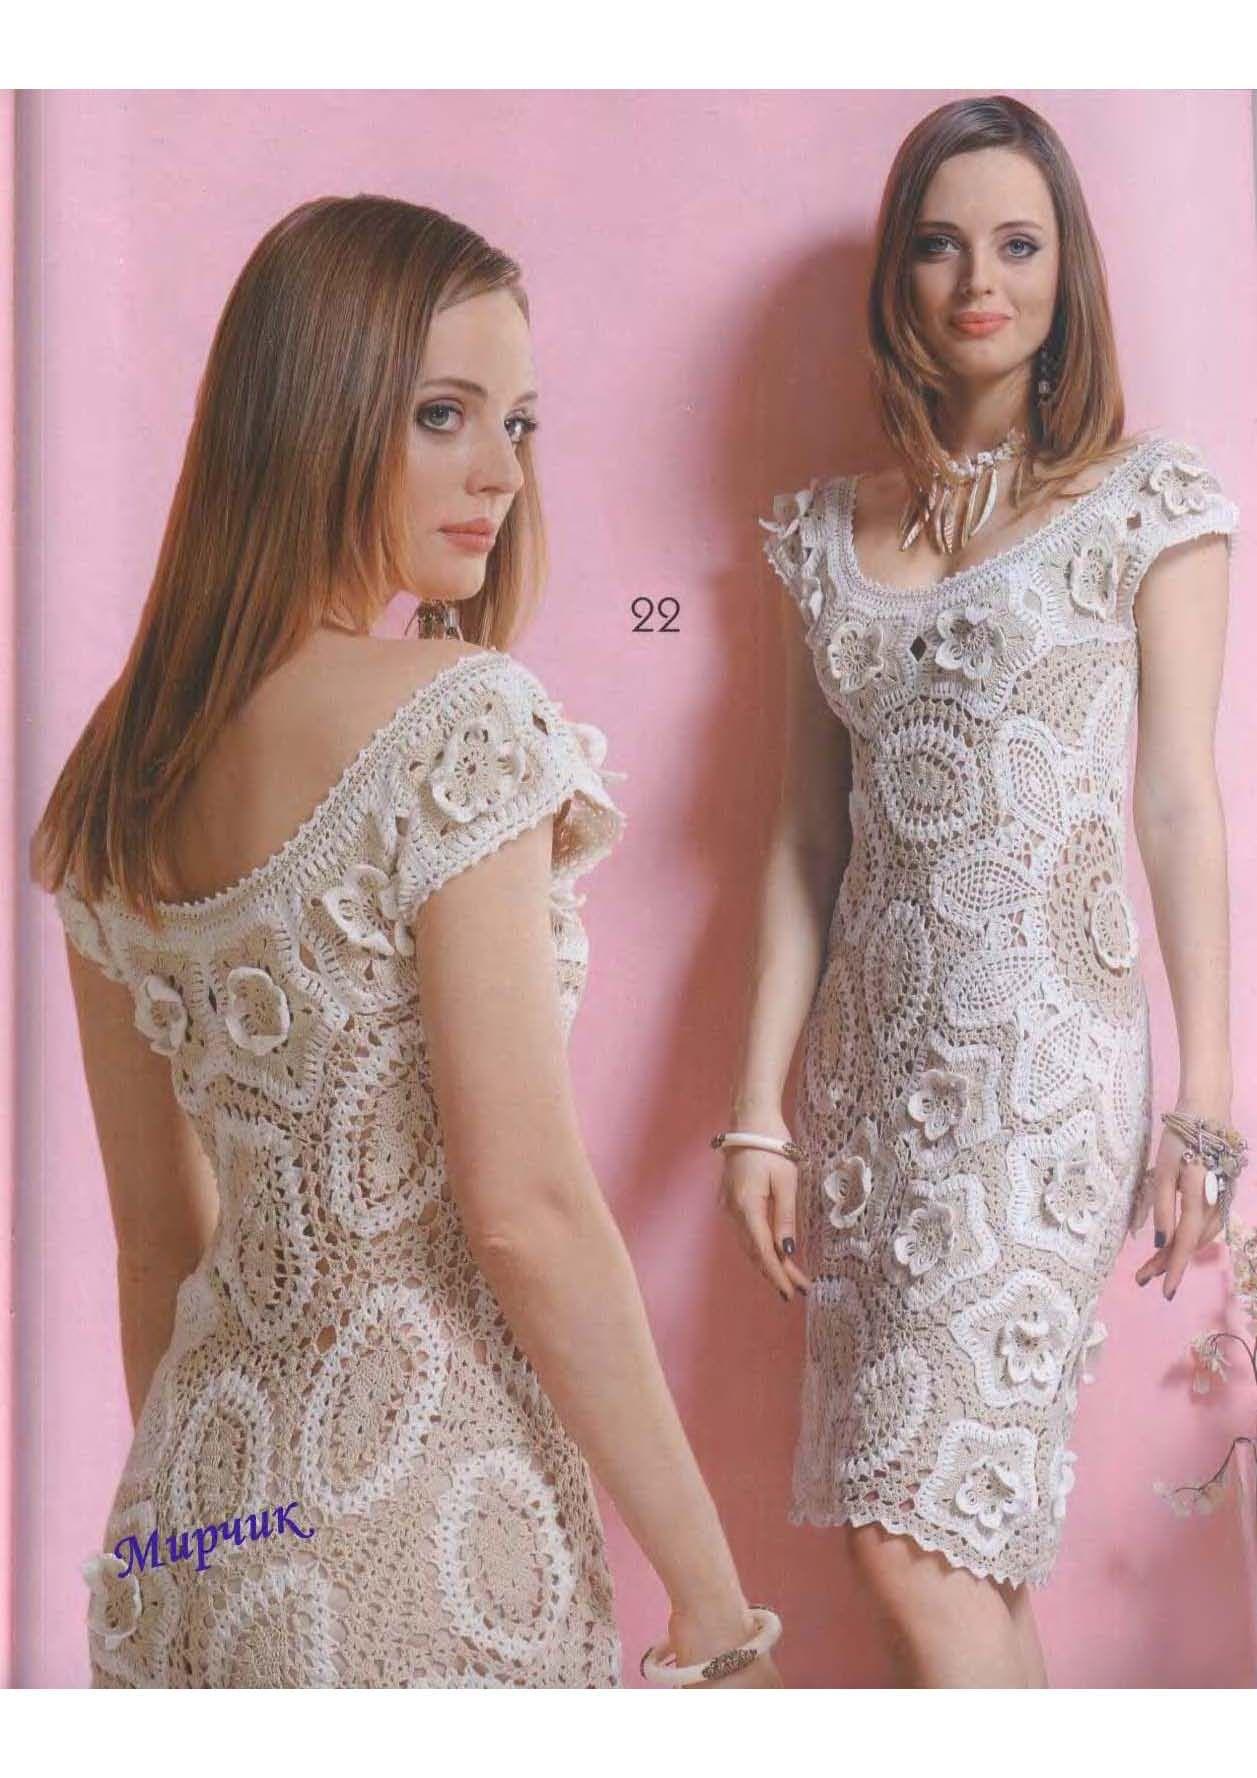 Pin de meili sepulveda en Diseño | Pinterest | Vestidos de novia, De ...